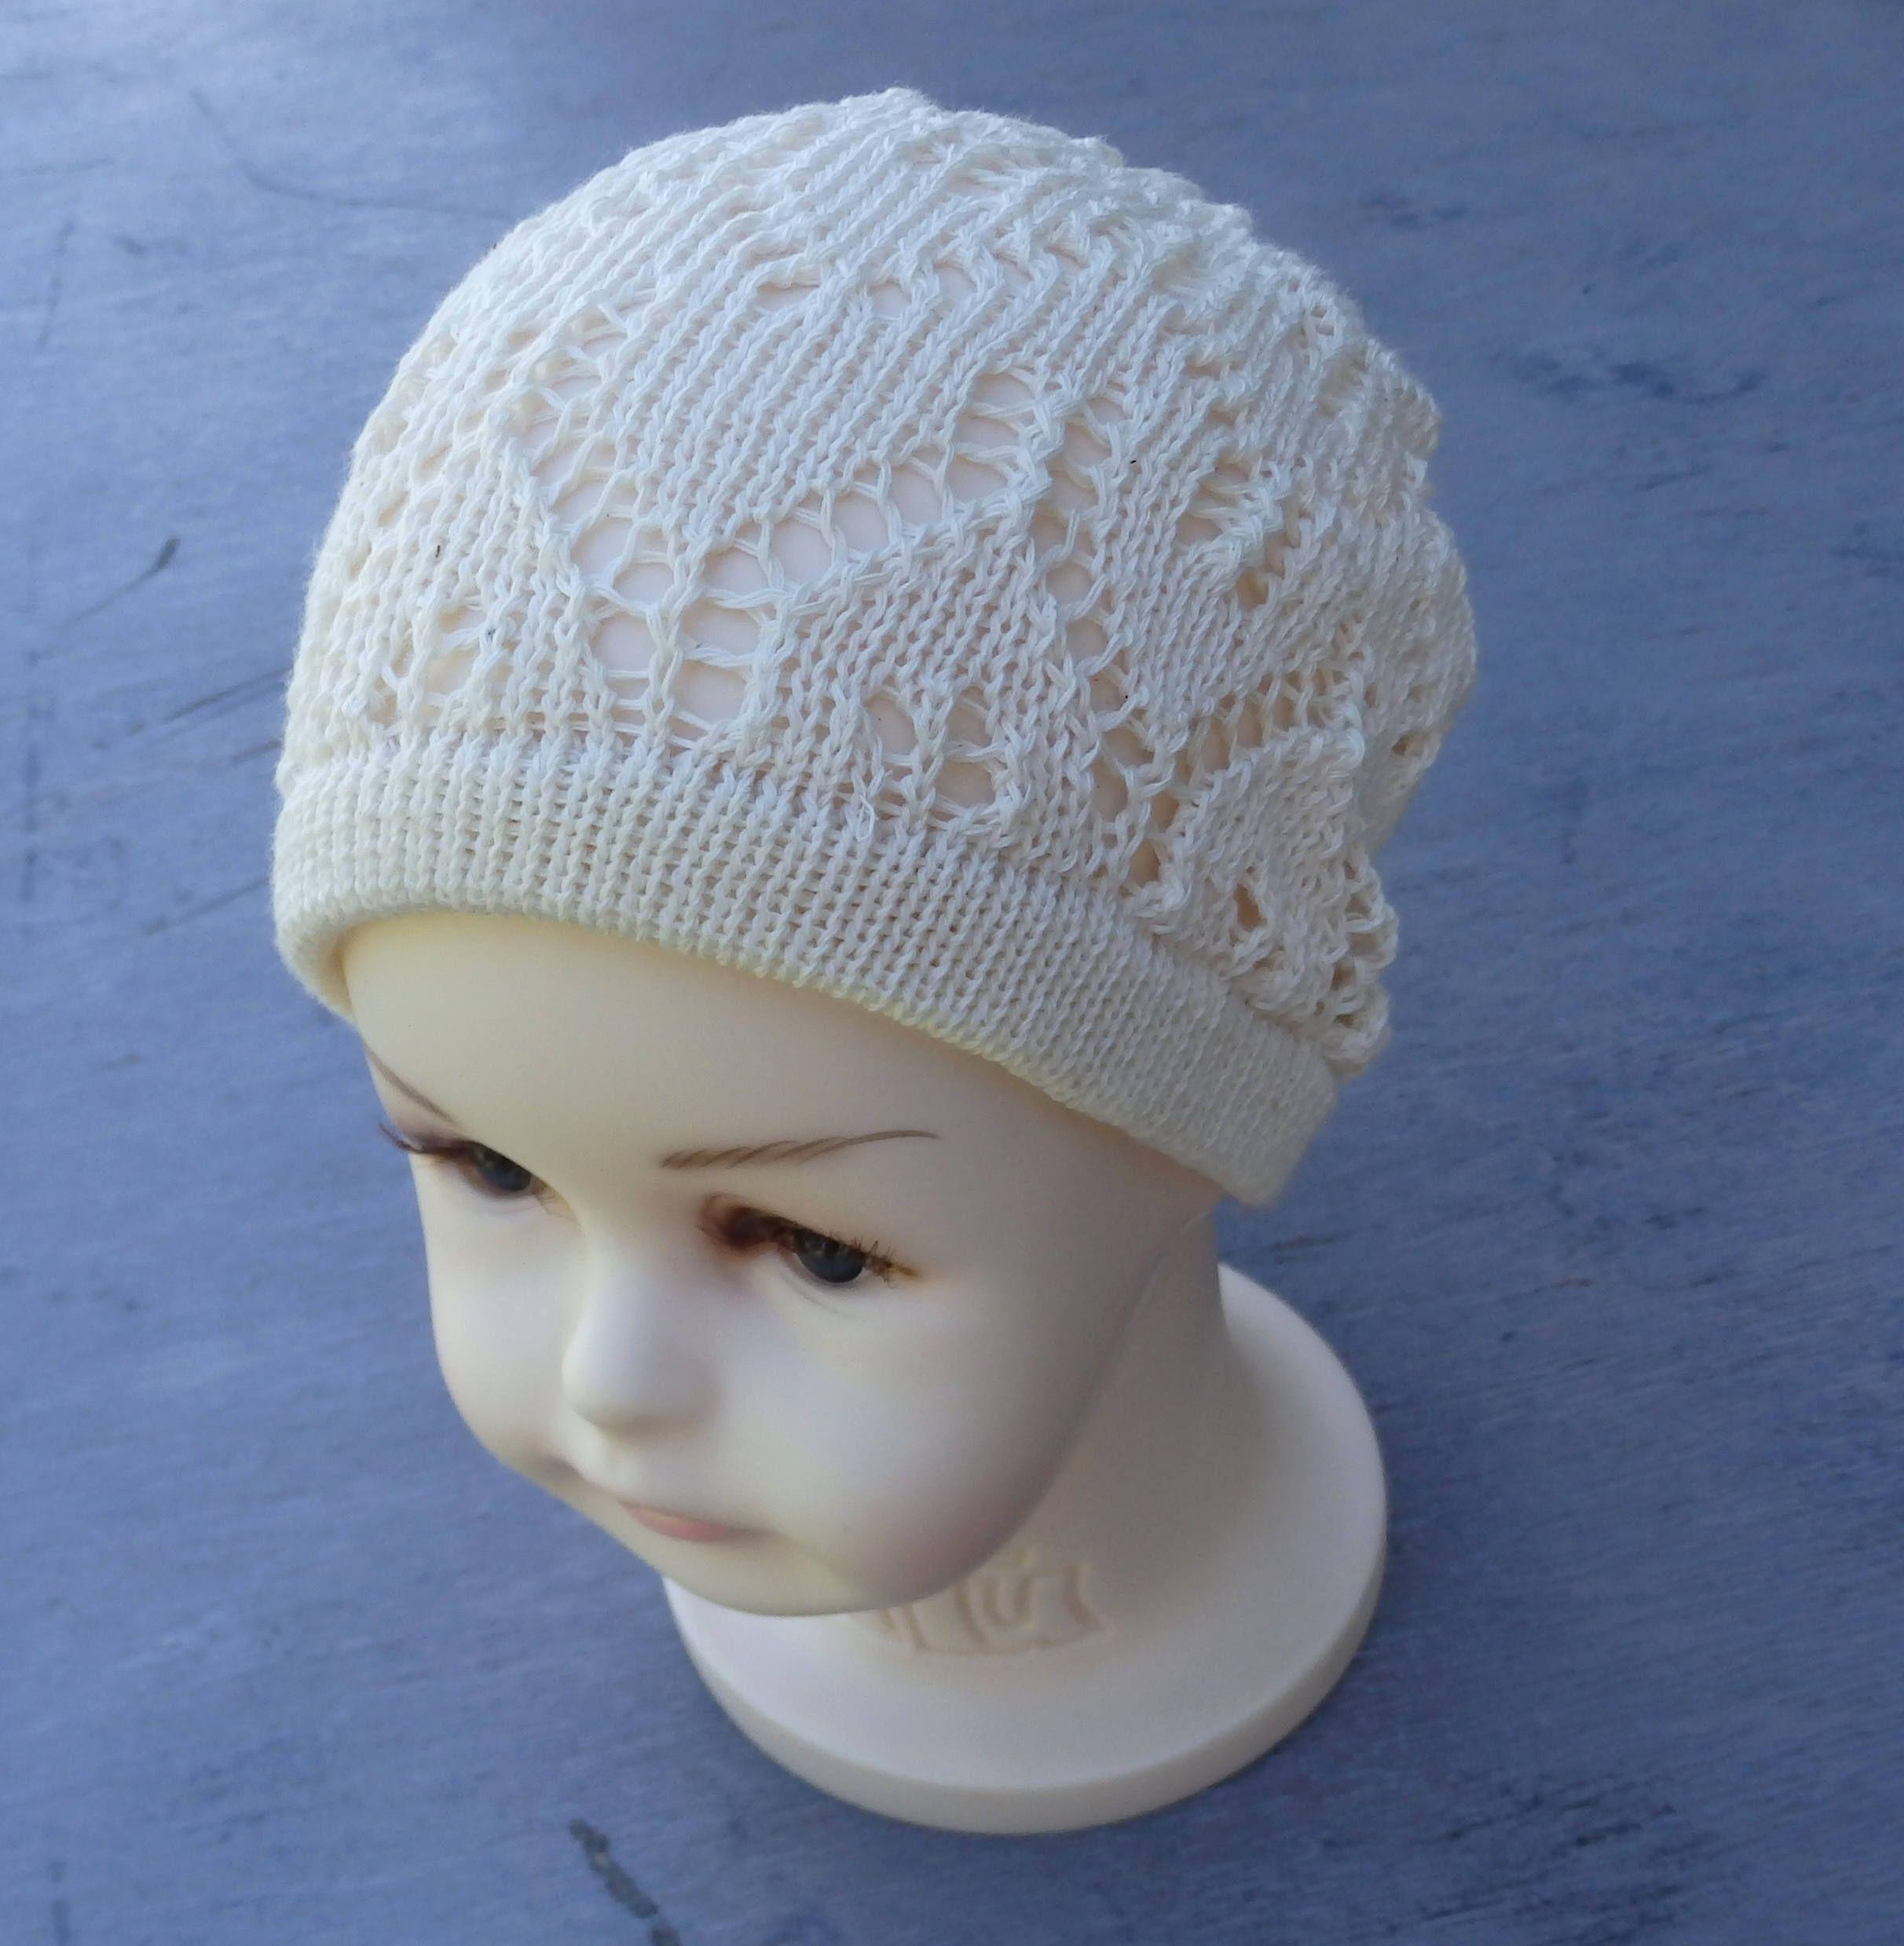 a85f05eee9d Baby hat